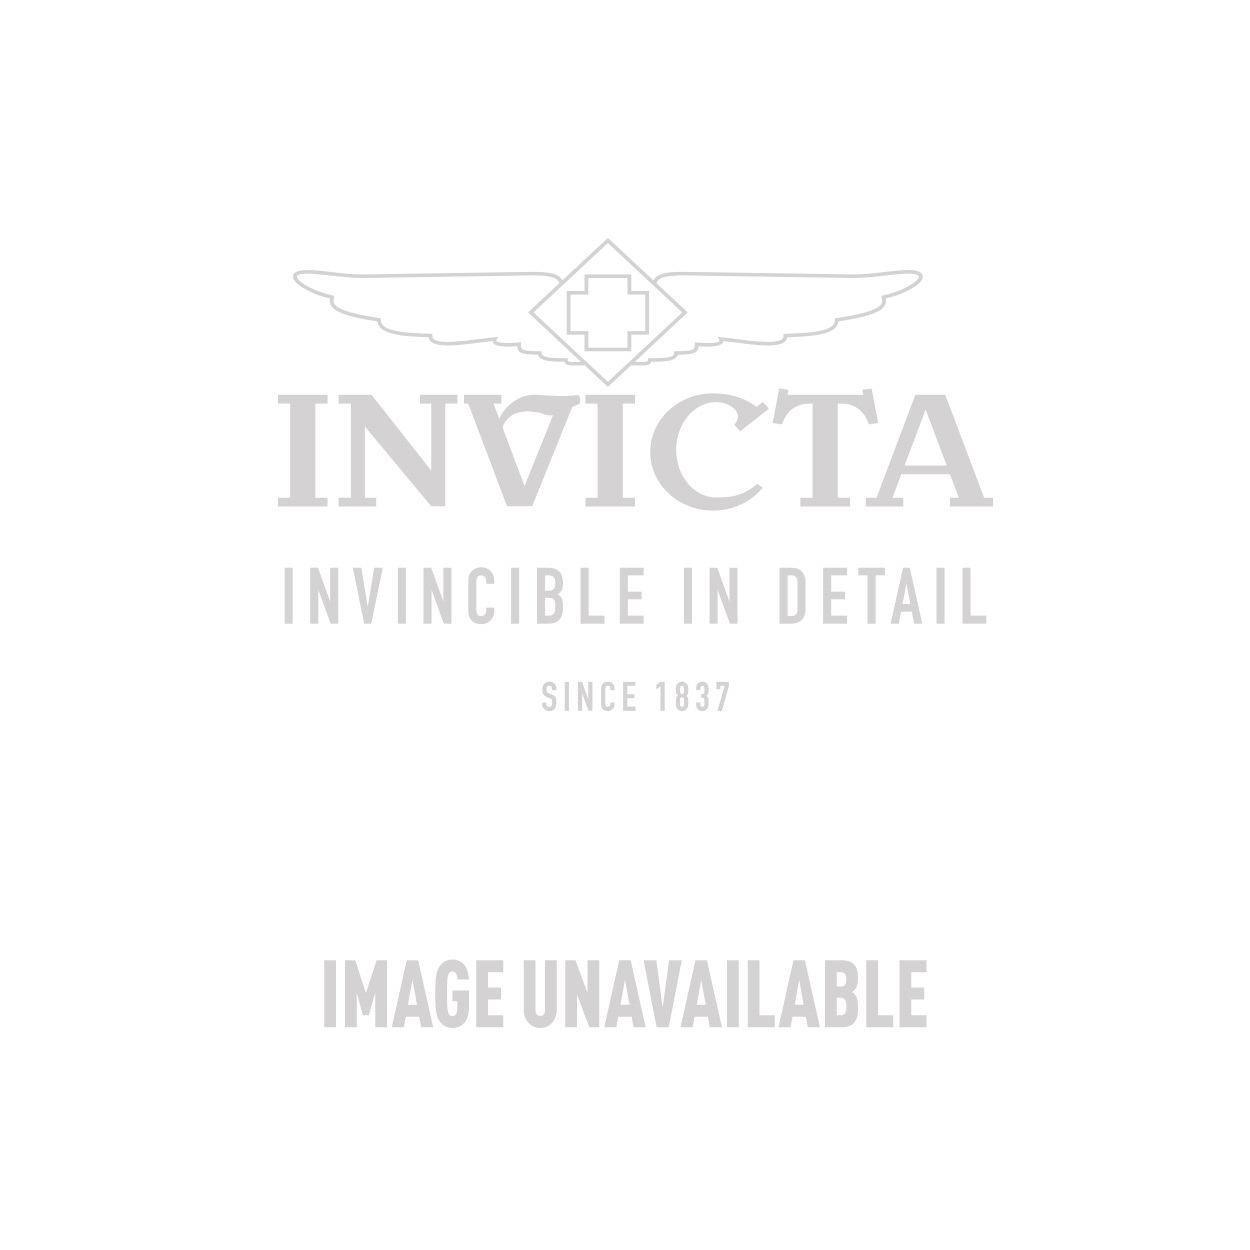 Invicta Model 23649